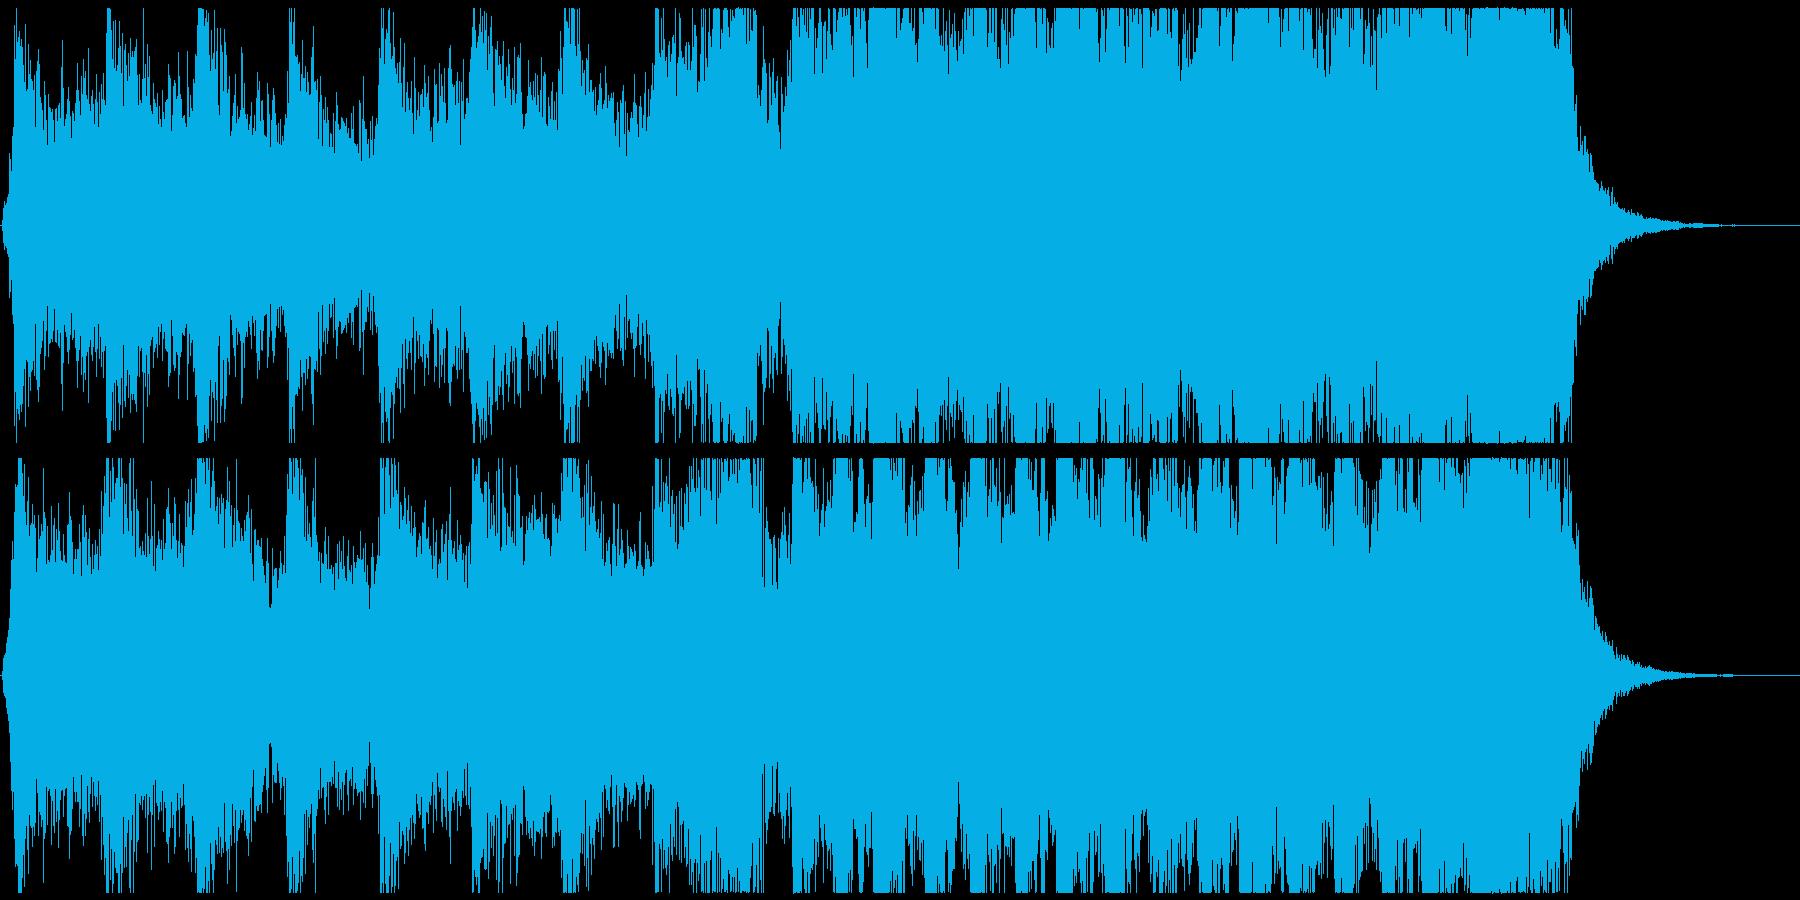 ハリウッド映画のトレーラー風エピックの再生済みの波形